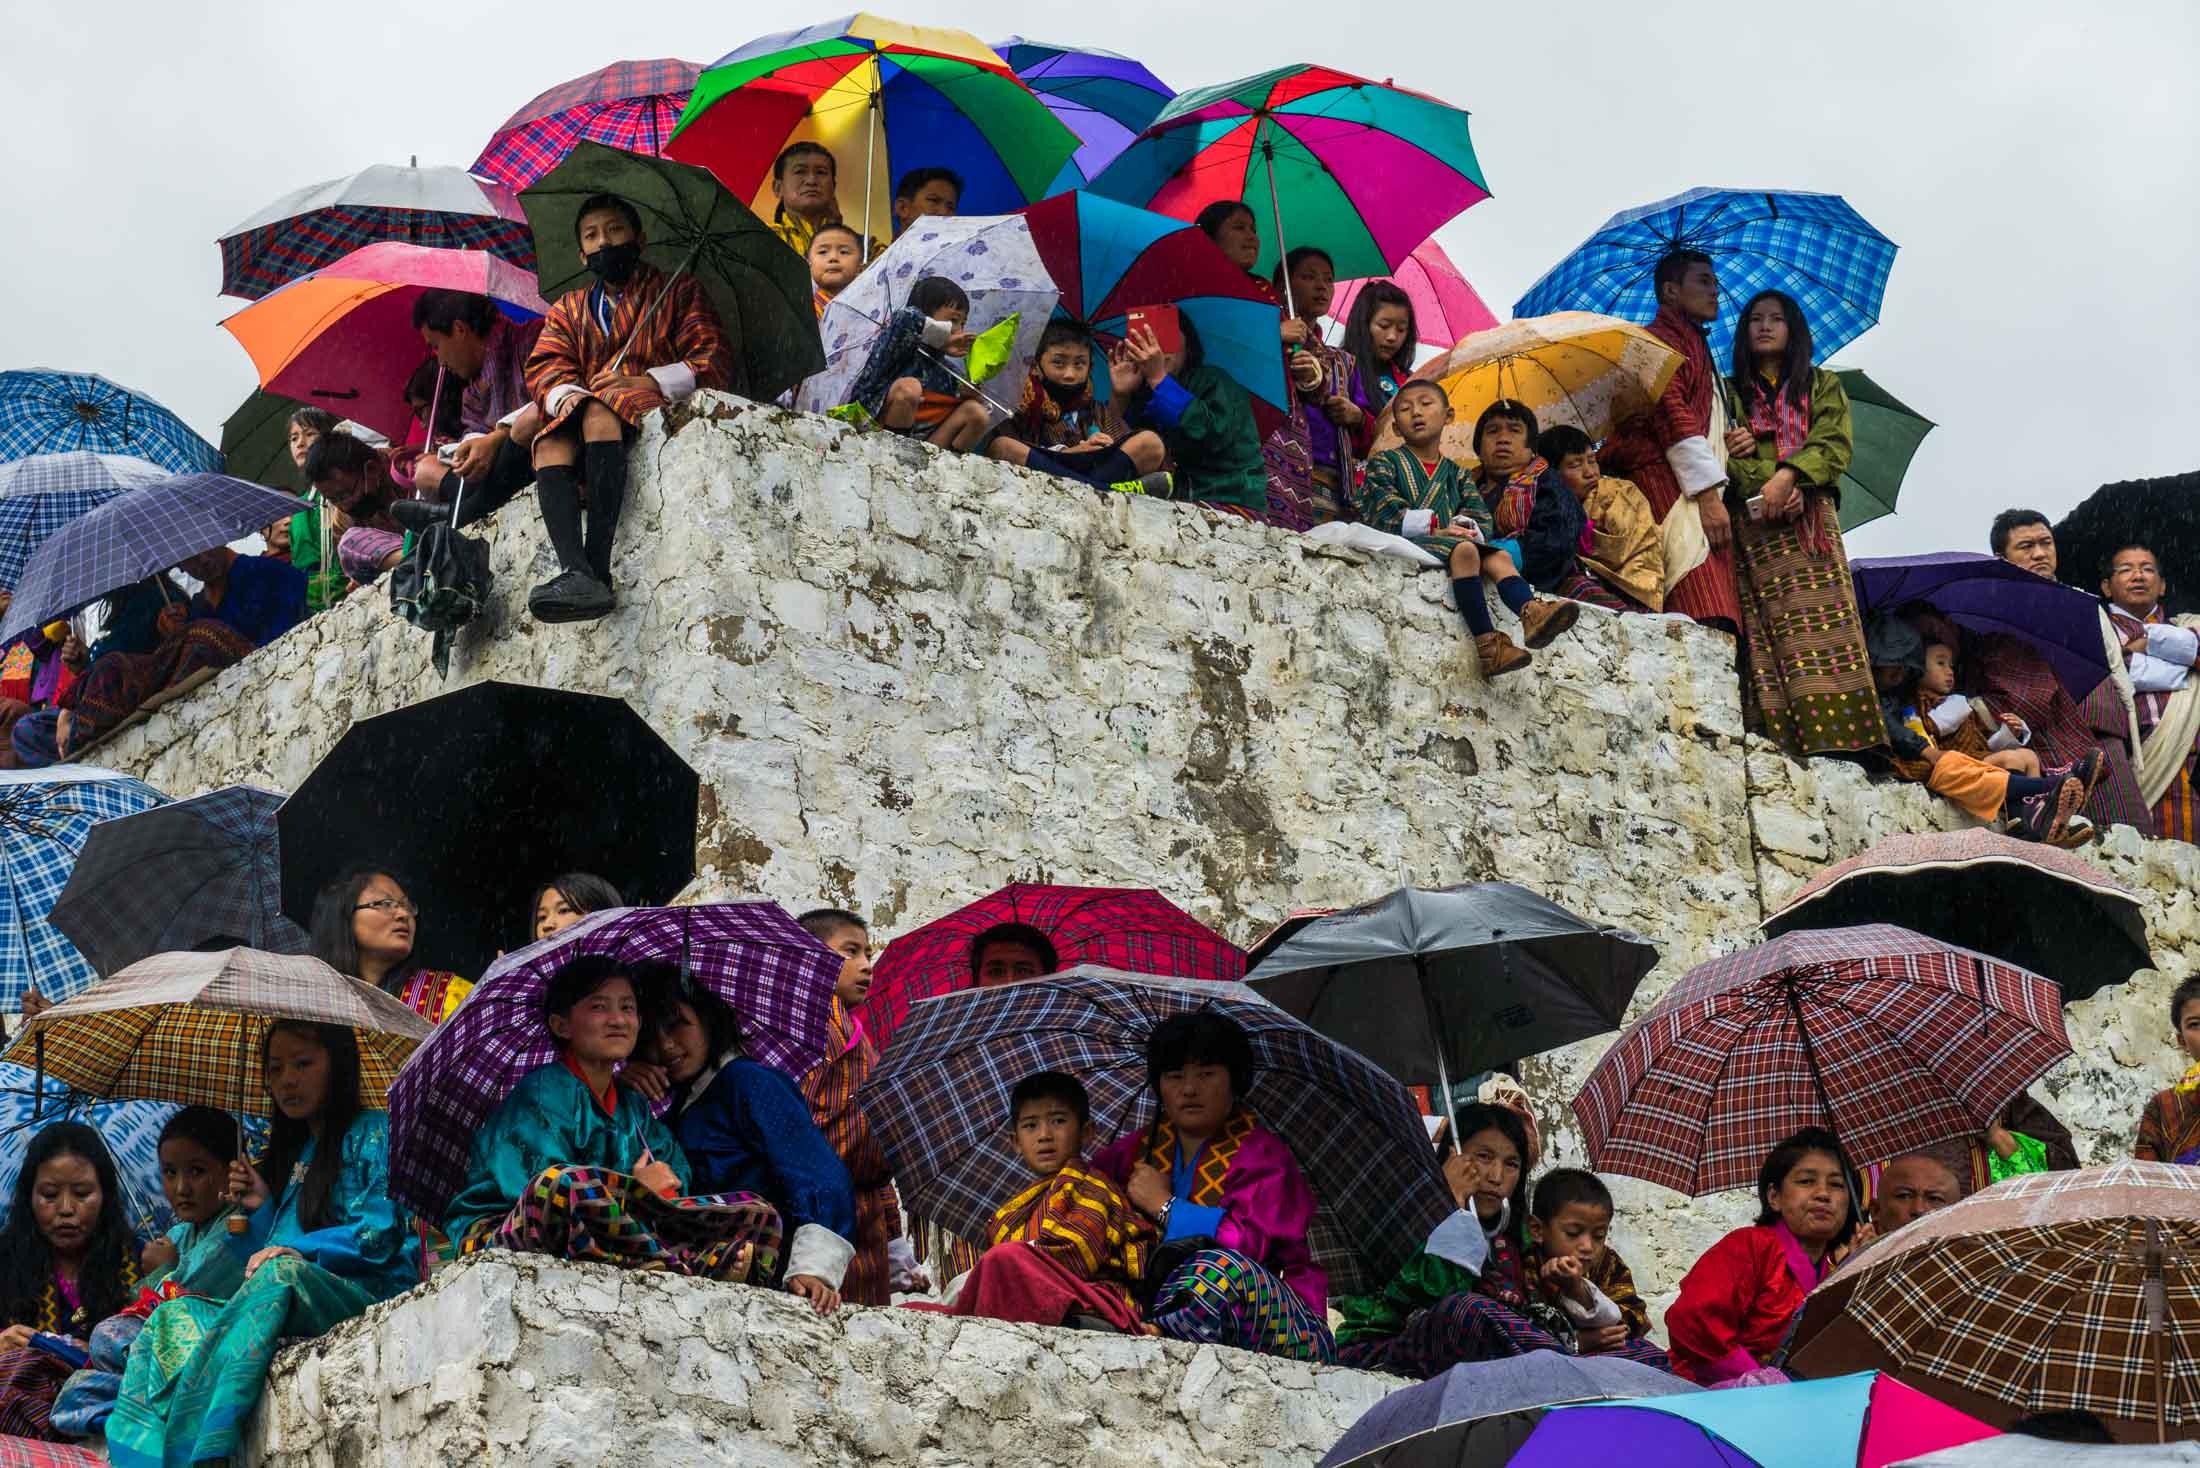 Thimphu Tshechu festival bhutan pescart enrico pescantini 1